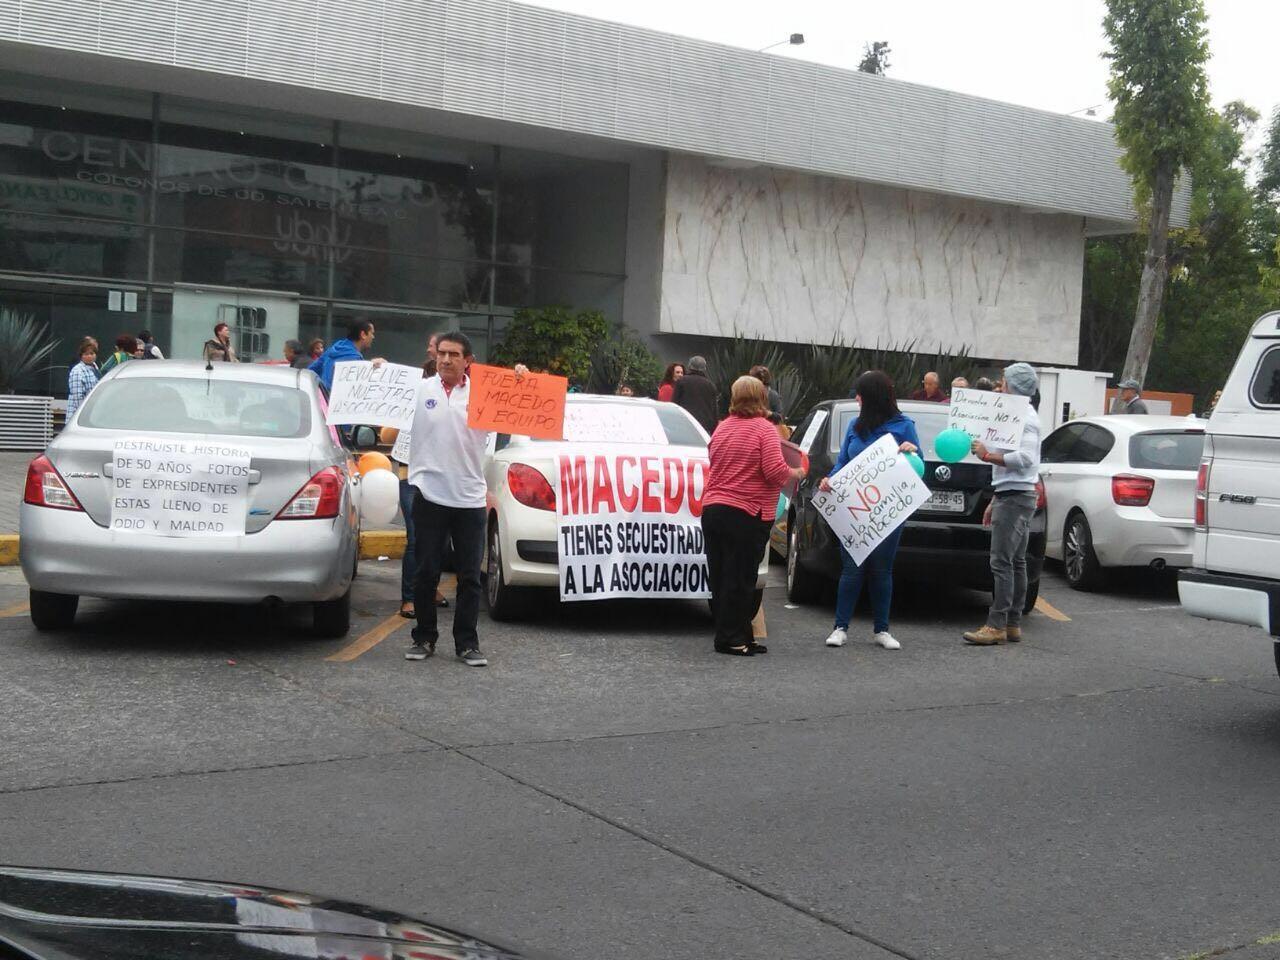 Los manifestantes están en desacuerdo con la dirigencia.